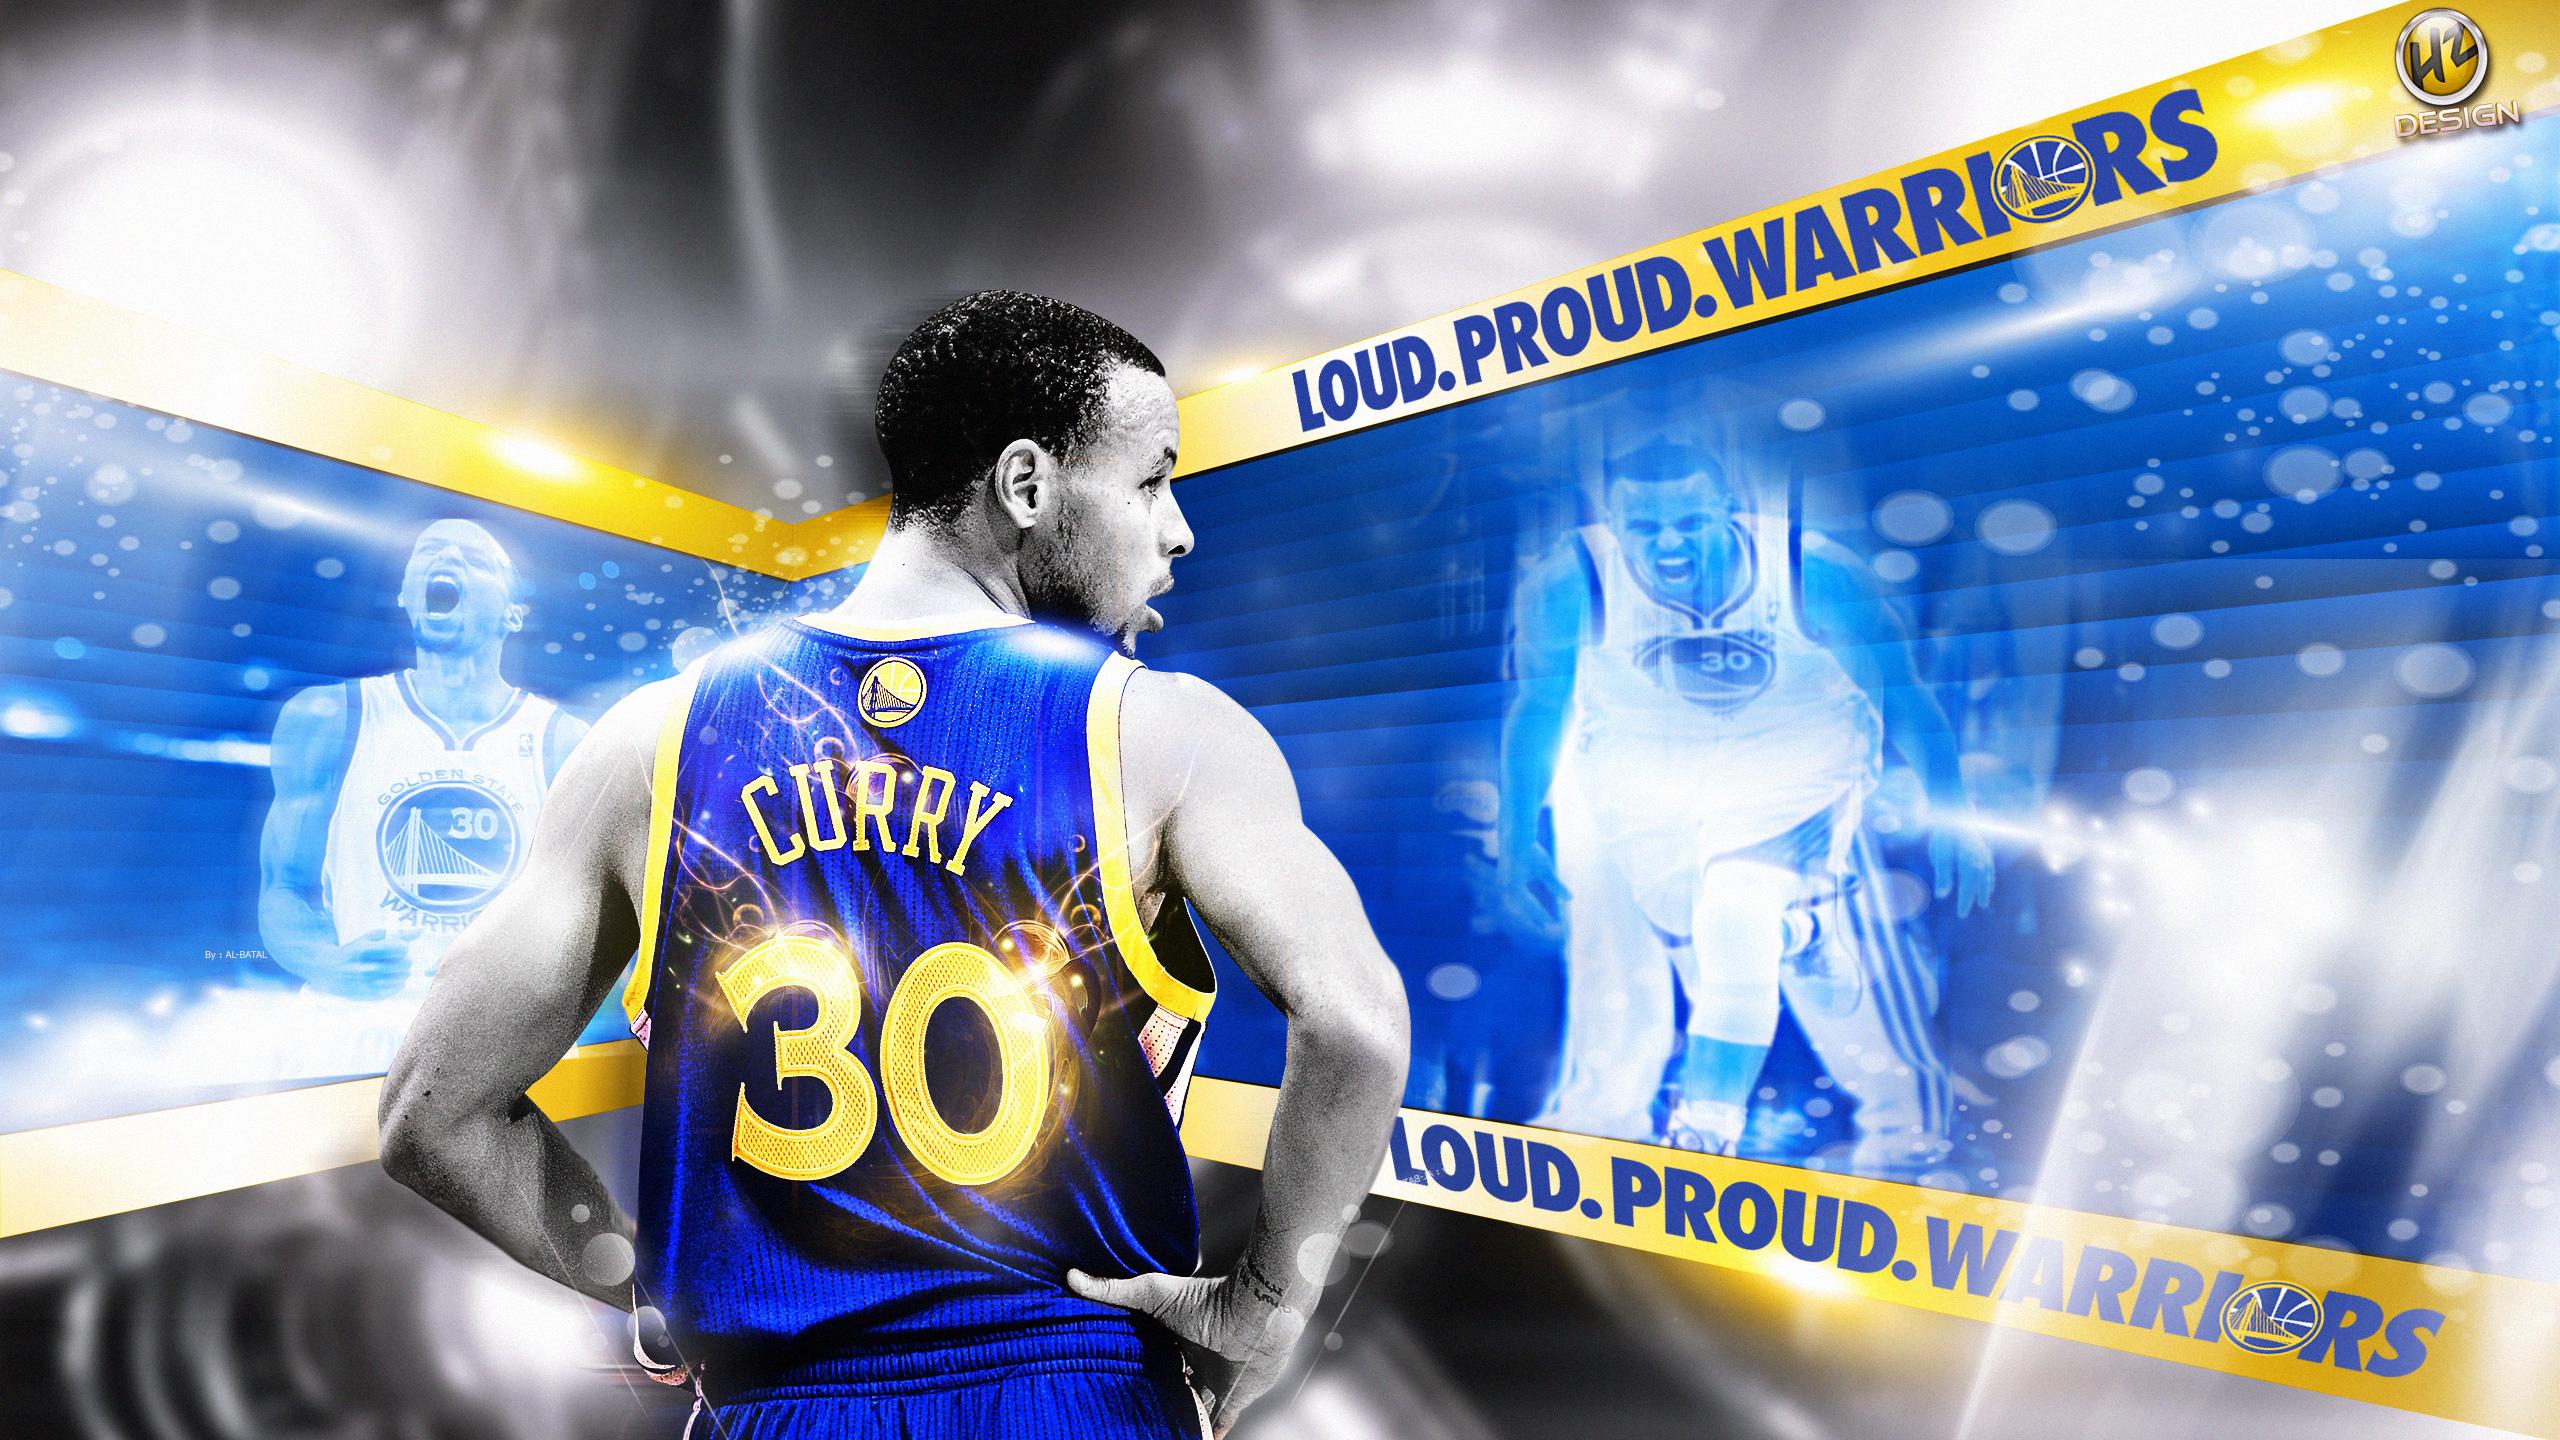 Stephen Curry 2014 Playoffs 25601440 Wallpaper Basketball 2560x1440